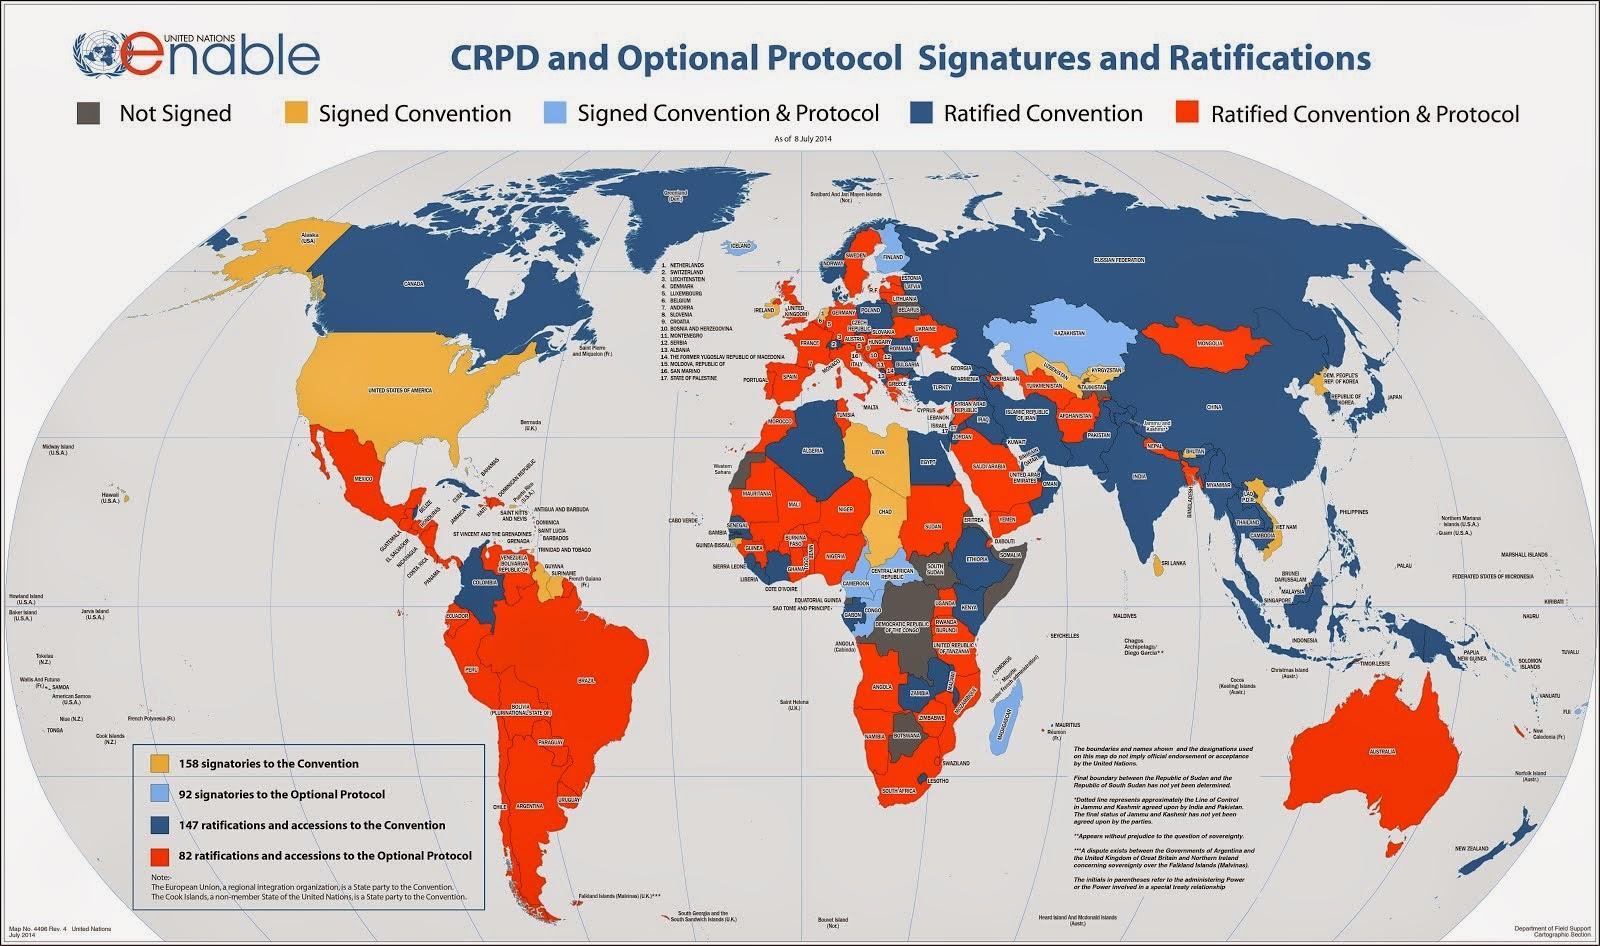 Mapa dos países signatários da Convenção sobre os Direitos das Pessoas Deficientes.